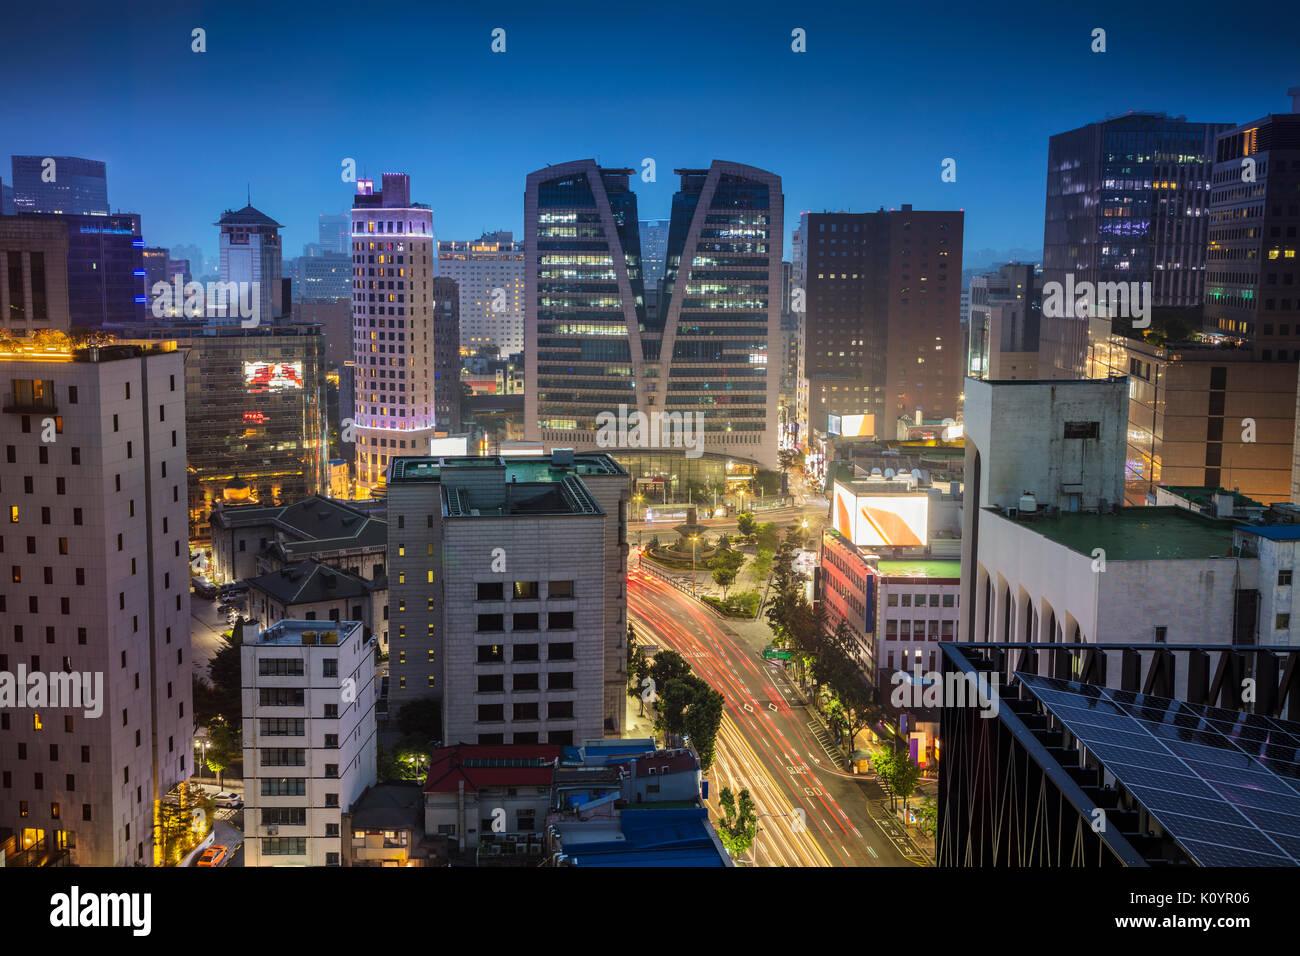 Séoul. cityscape image de centre-ville de Séoul pendant le crépuscule heure bleue. Banque D'Images